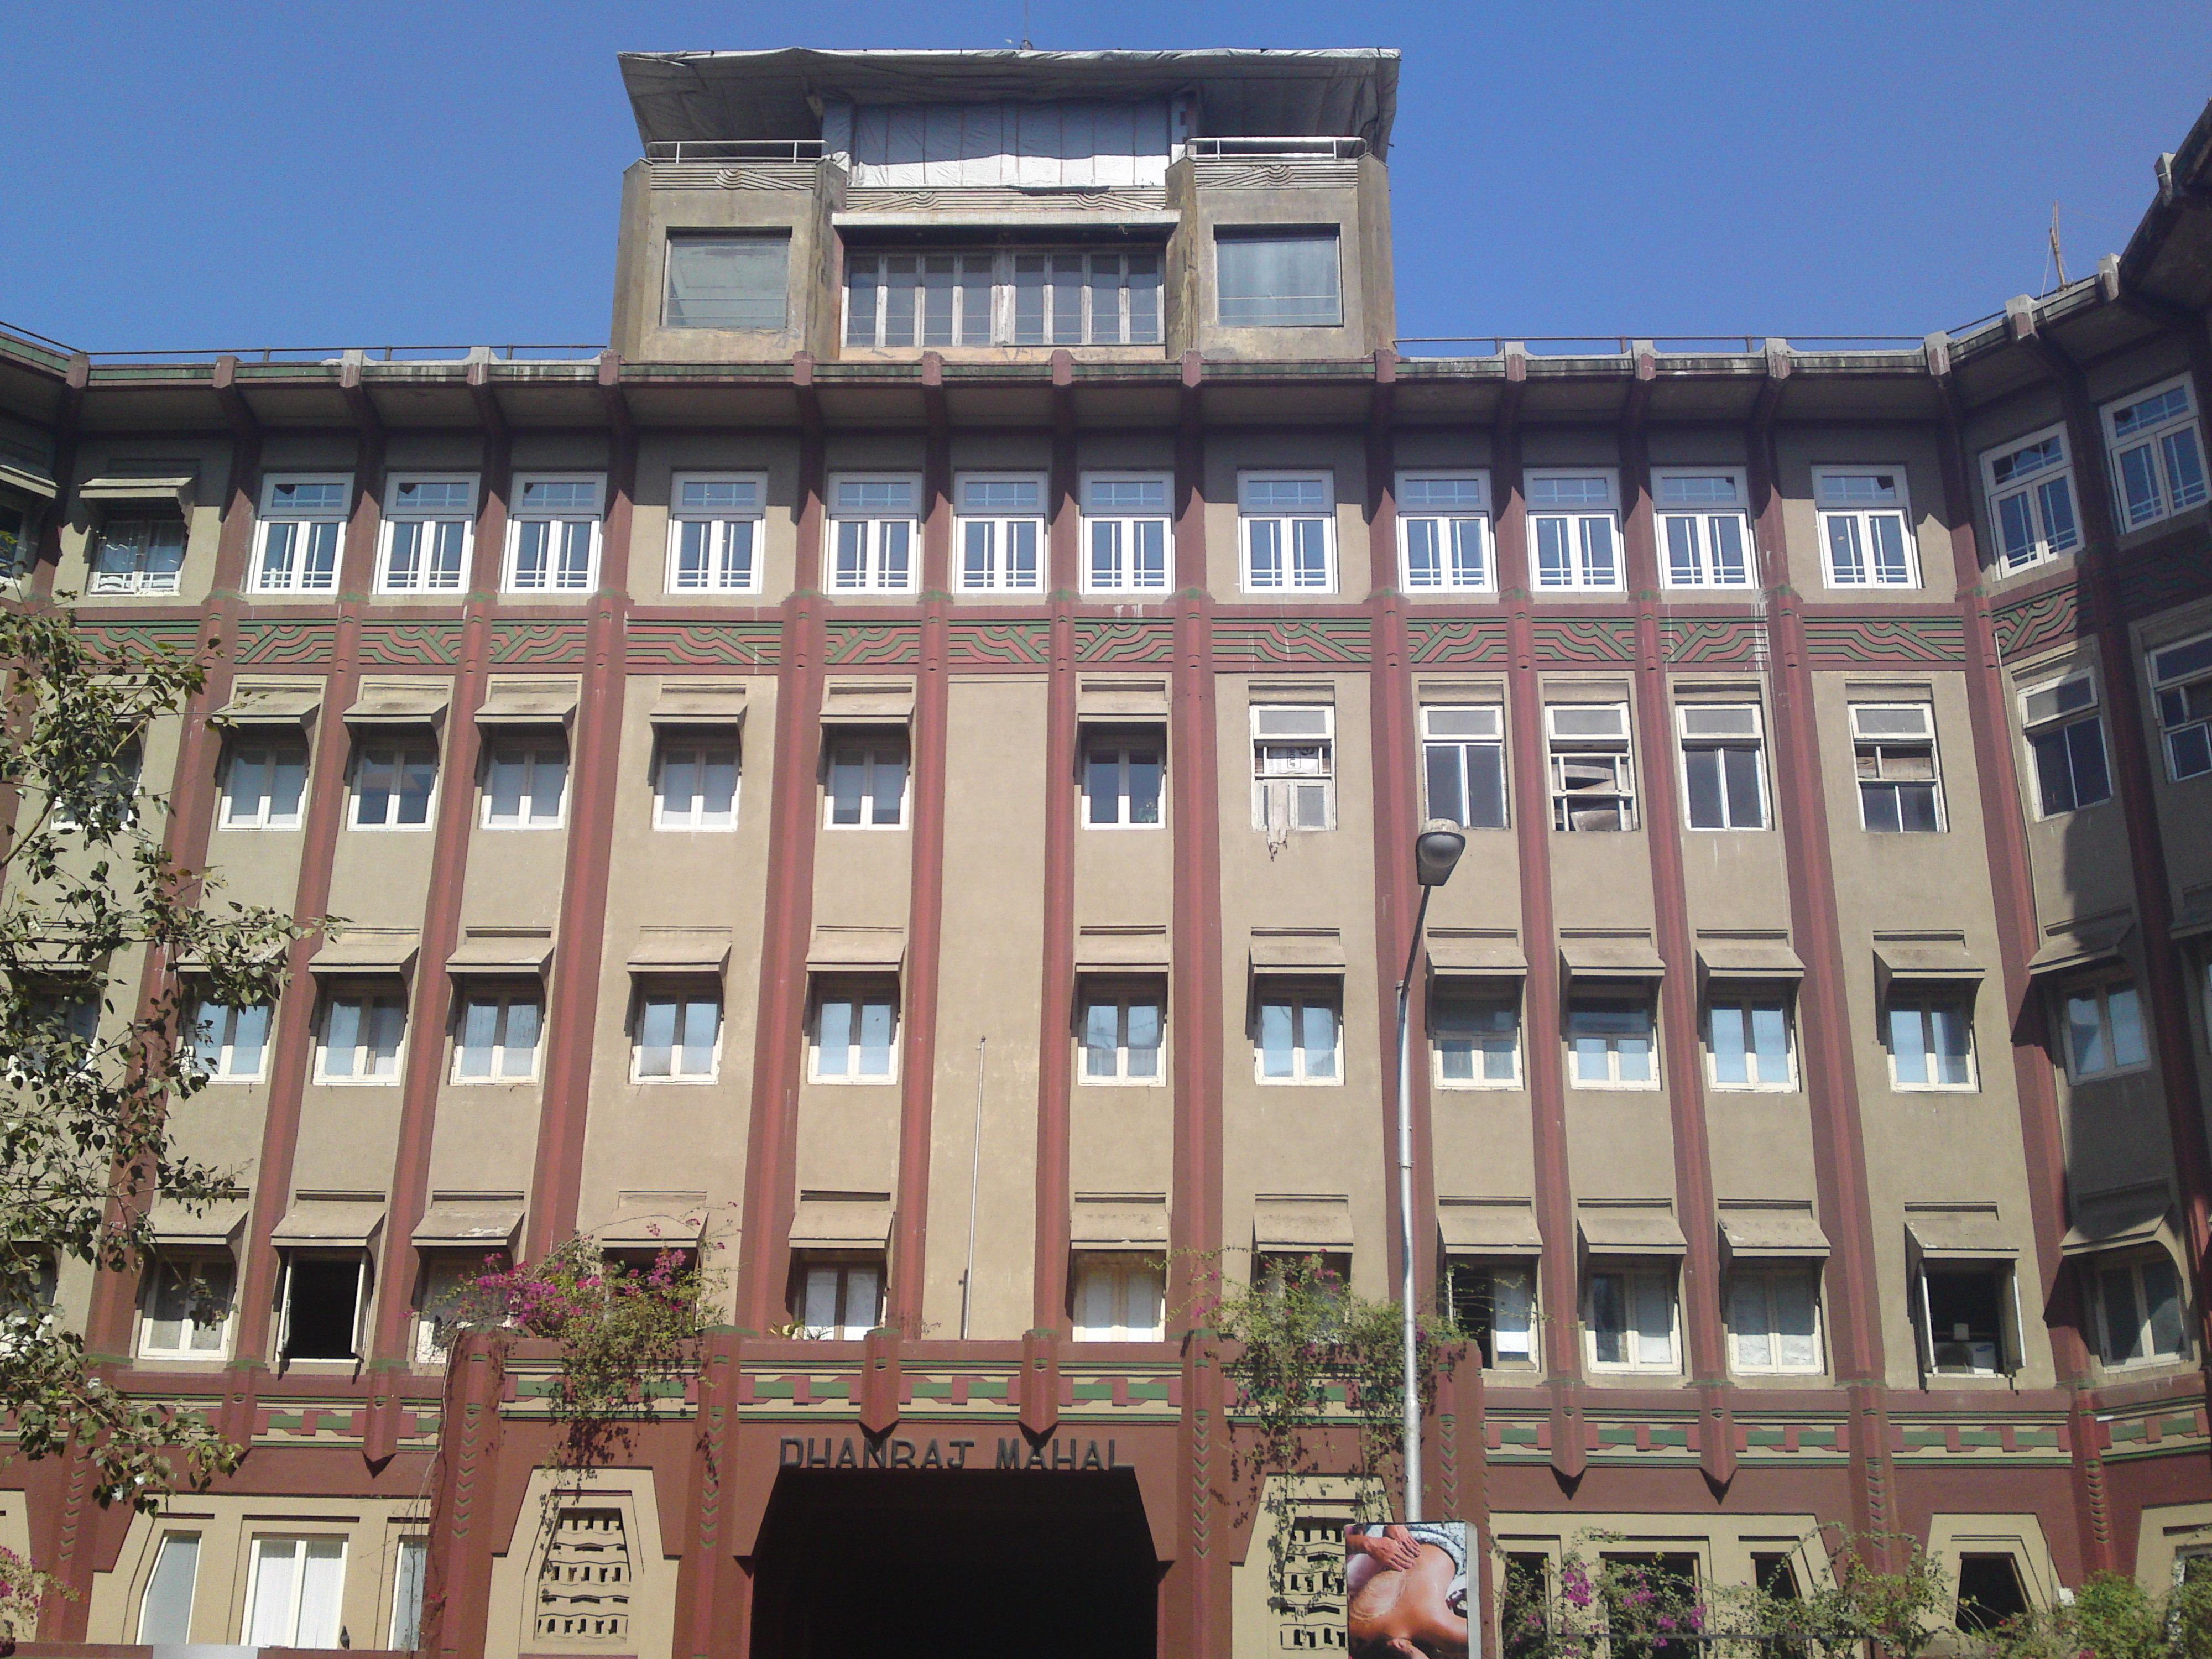 Dhanraj Mahal